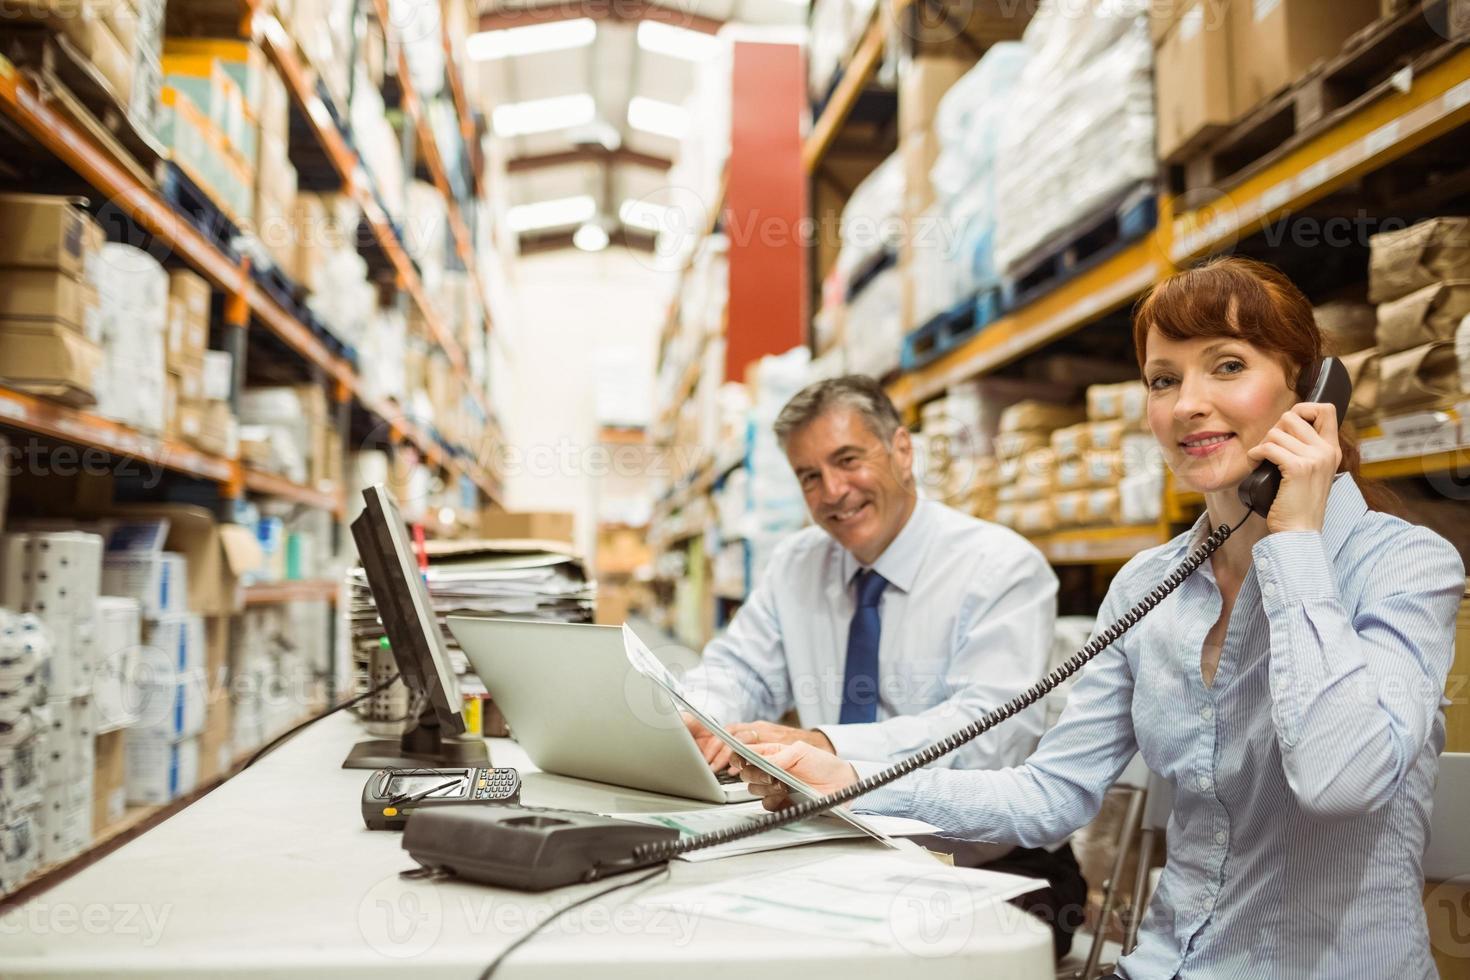 gestionnaire travaillant avec un ordinateur portable et parlant au téléphone photo